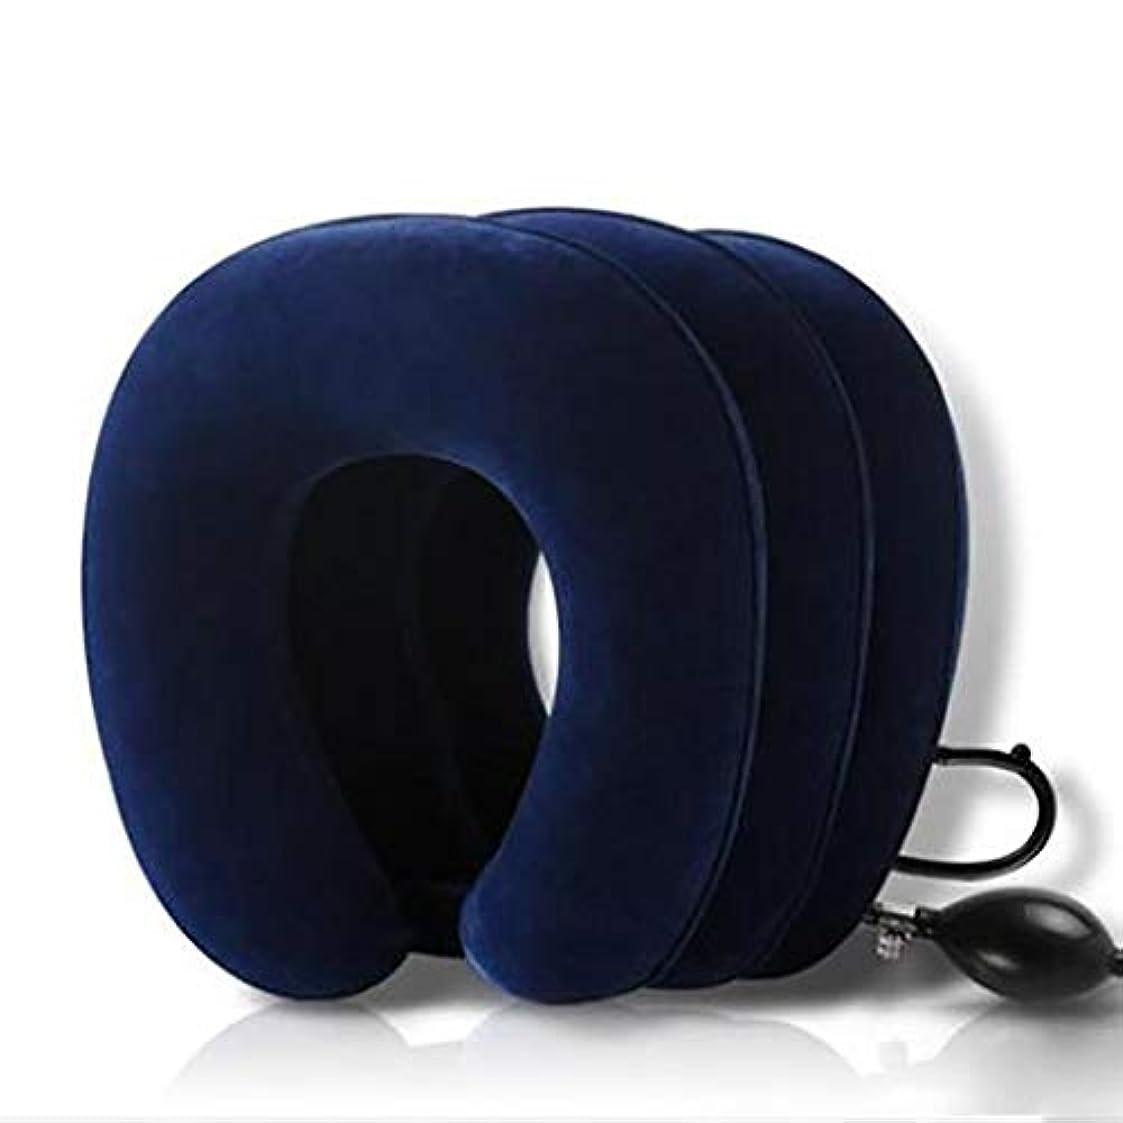 柔和安全多様性首牽引装置、インフレータブル頸椎牽引枕、首牽引襟装置鎮痛慢性頸部